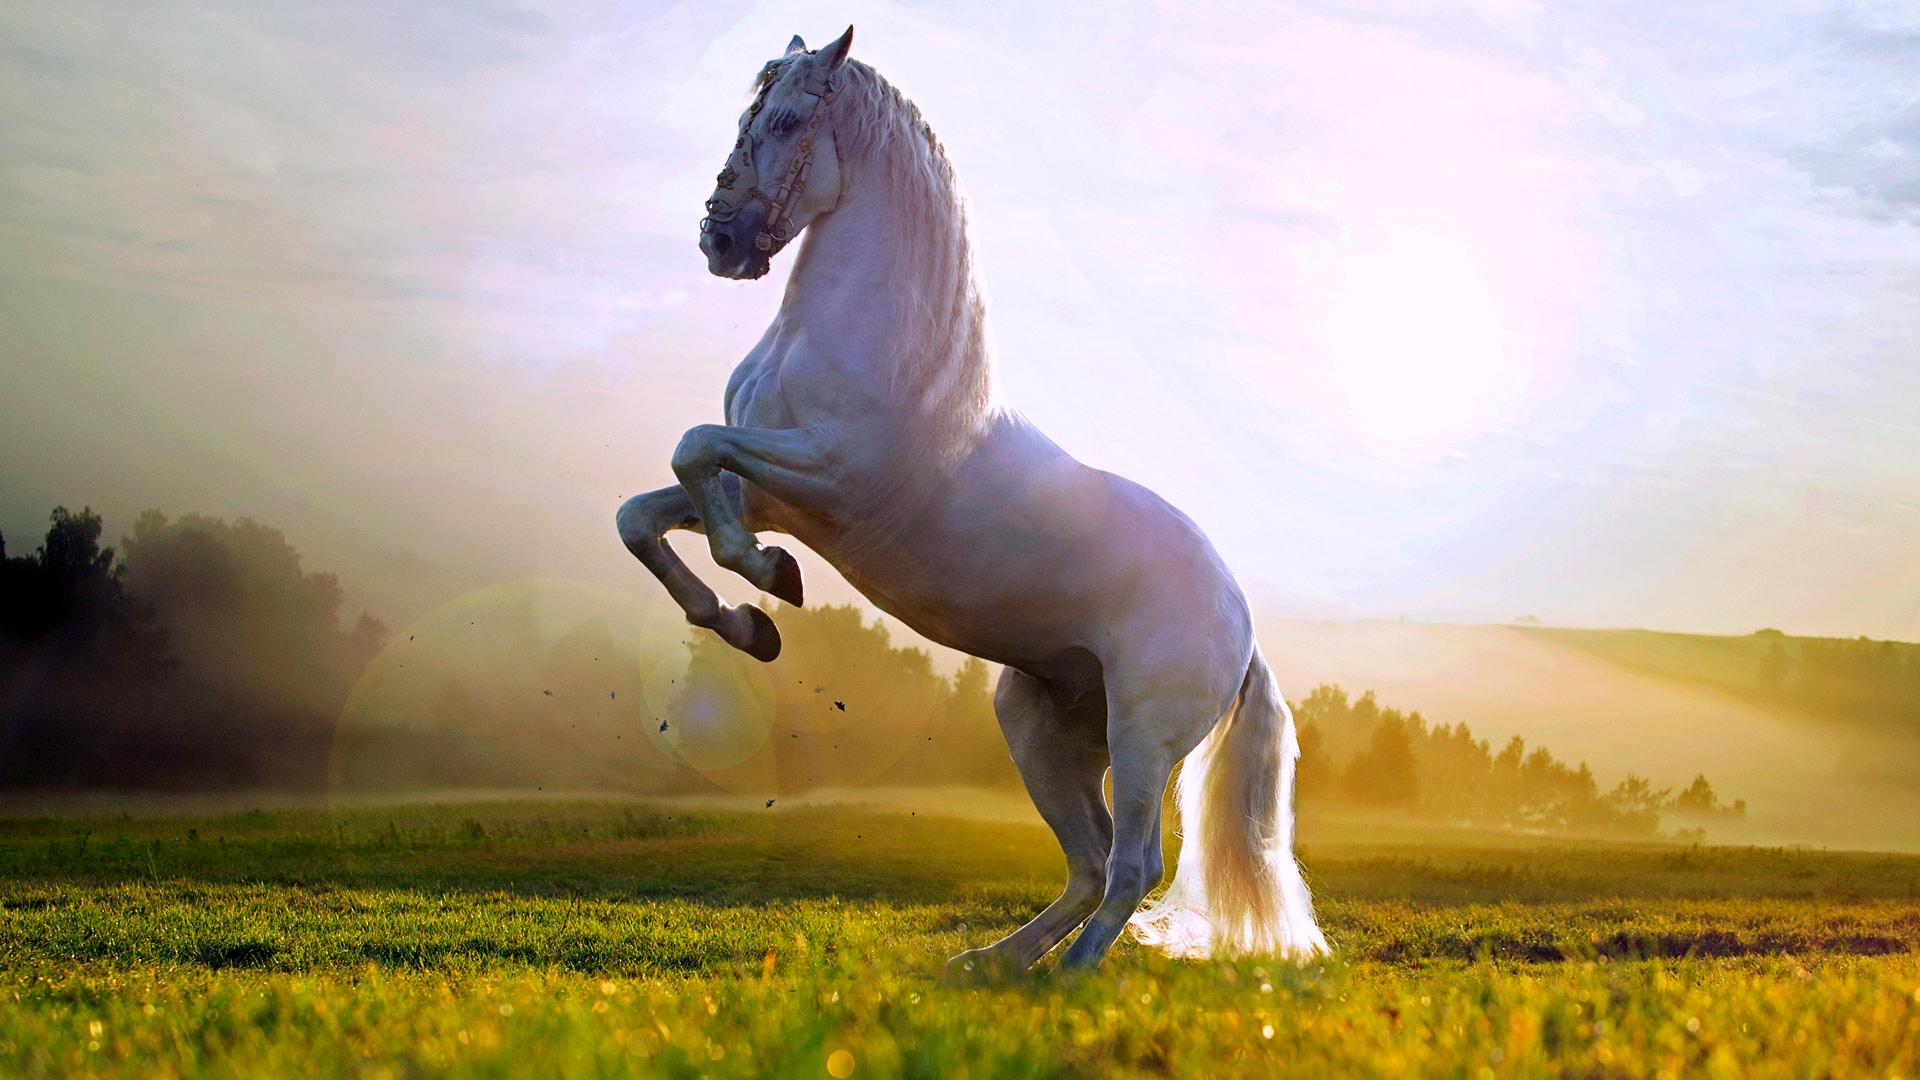 лошади обои на рабочий стол 1366x768 № 489468 загрузить